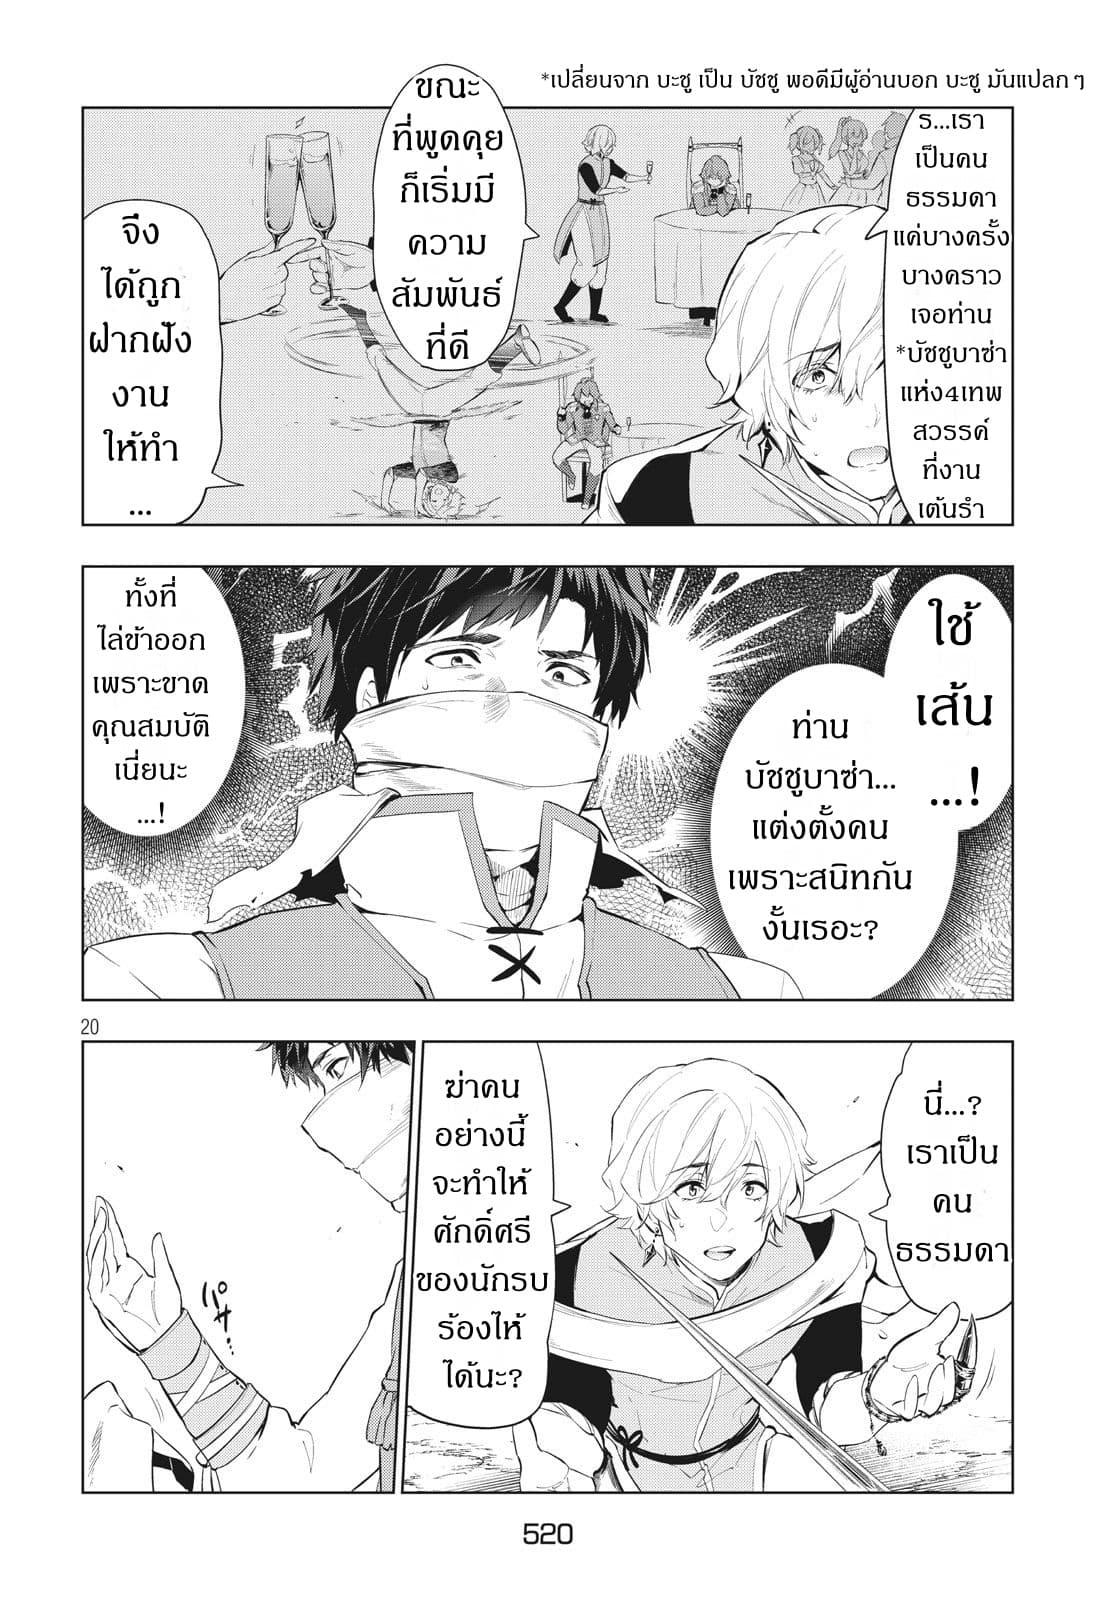 อ่านการ์ตูน Kaiko sareta Ankoku Heishi (30-dai) no Slow na Second ตอนที่ 6.2 หน้าที่ 2